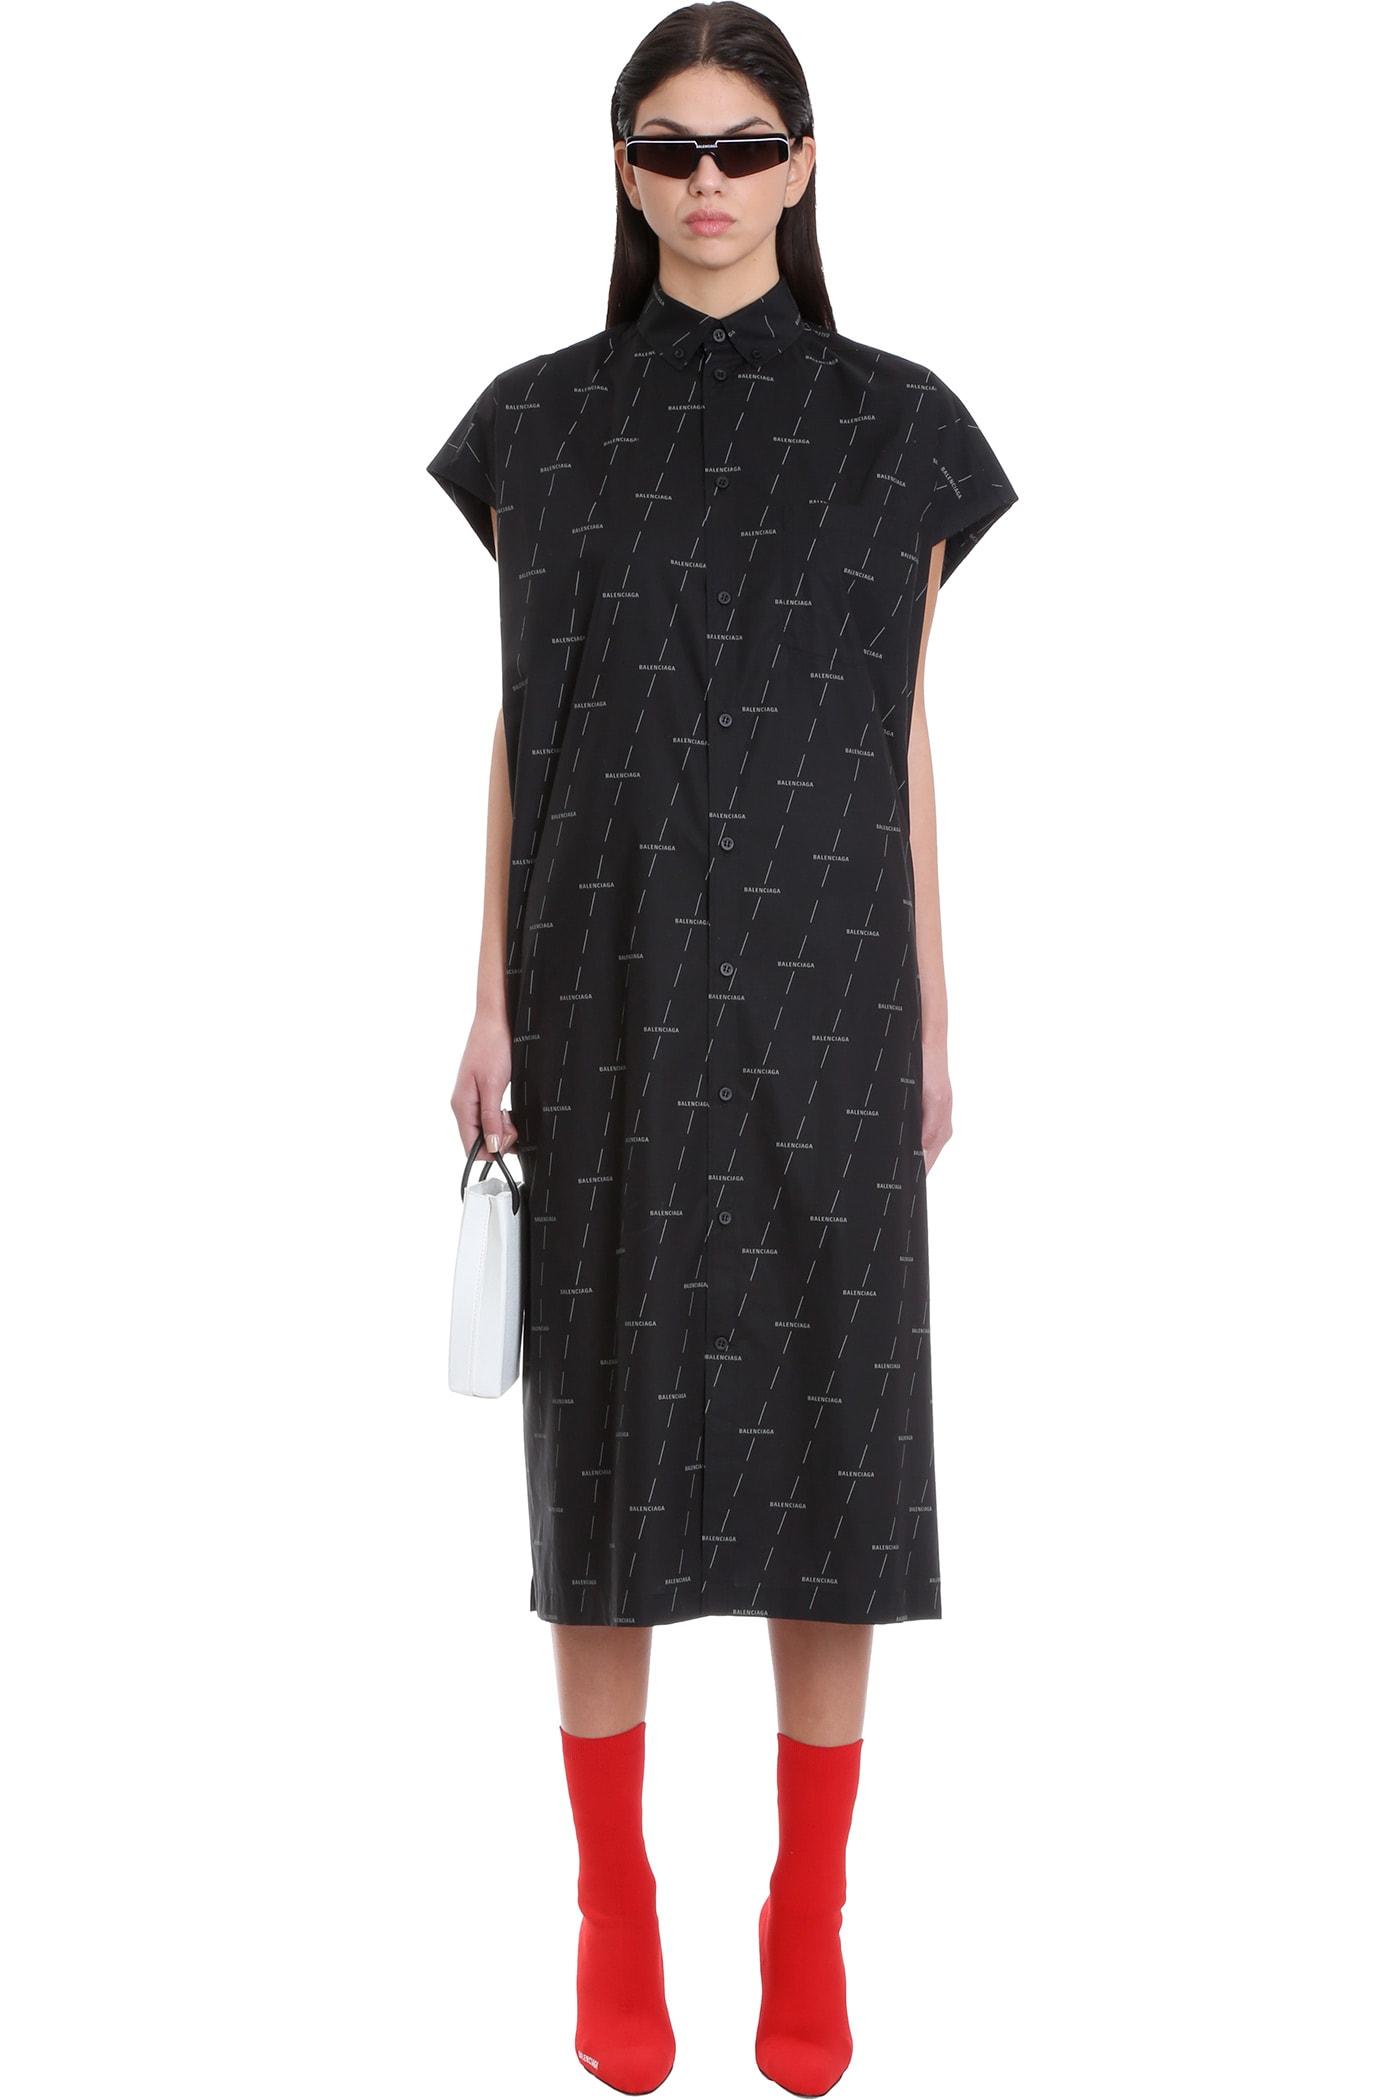 Balenciaga Dress In Black Cotton